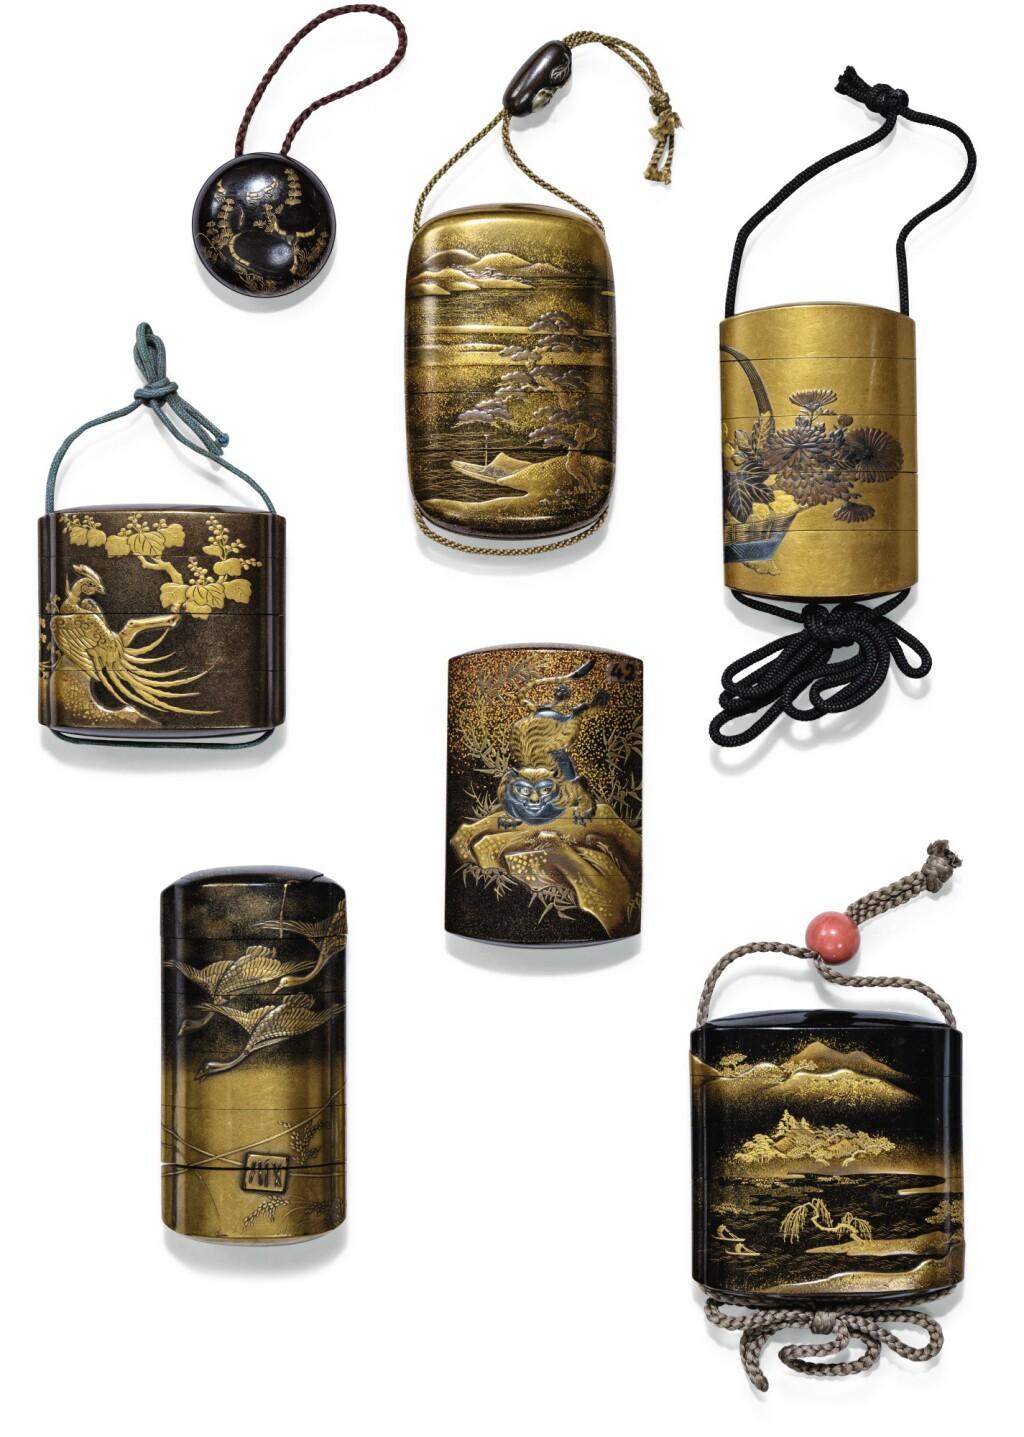 ENSEMBLE DE SIX INRO JAPON, XVIIIE-XIXE SIÈCLE | Six lacquer inro, Japan, 18th/19th century